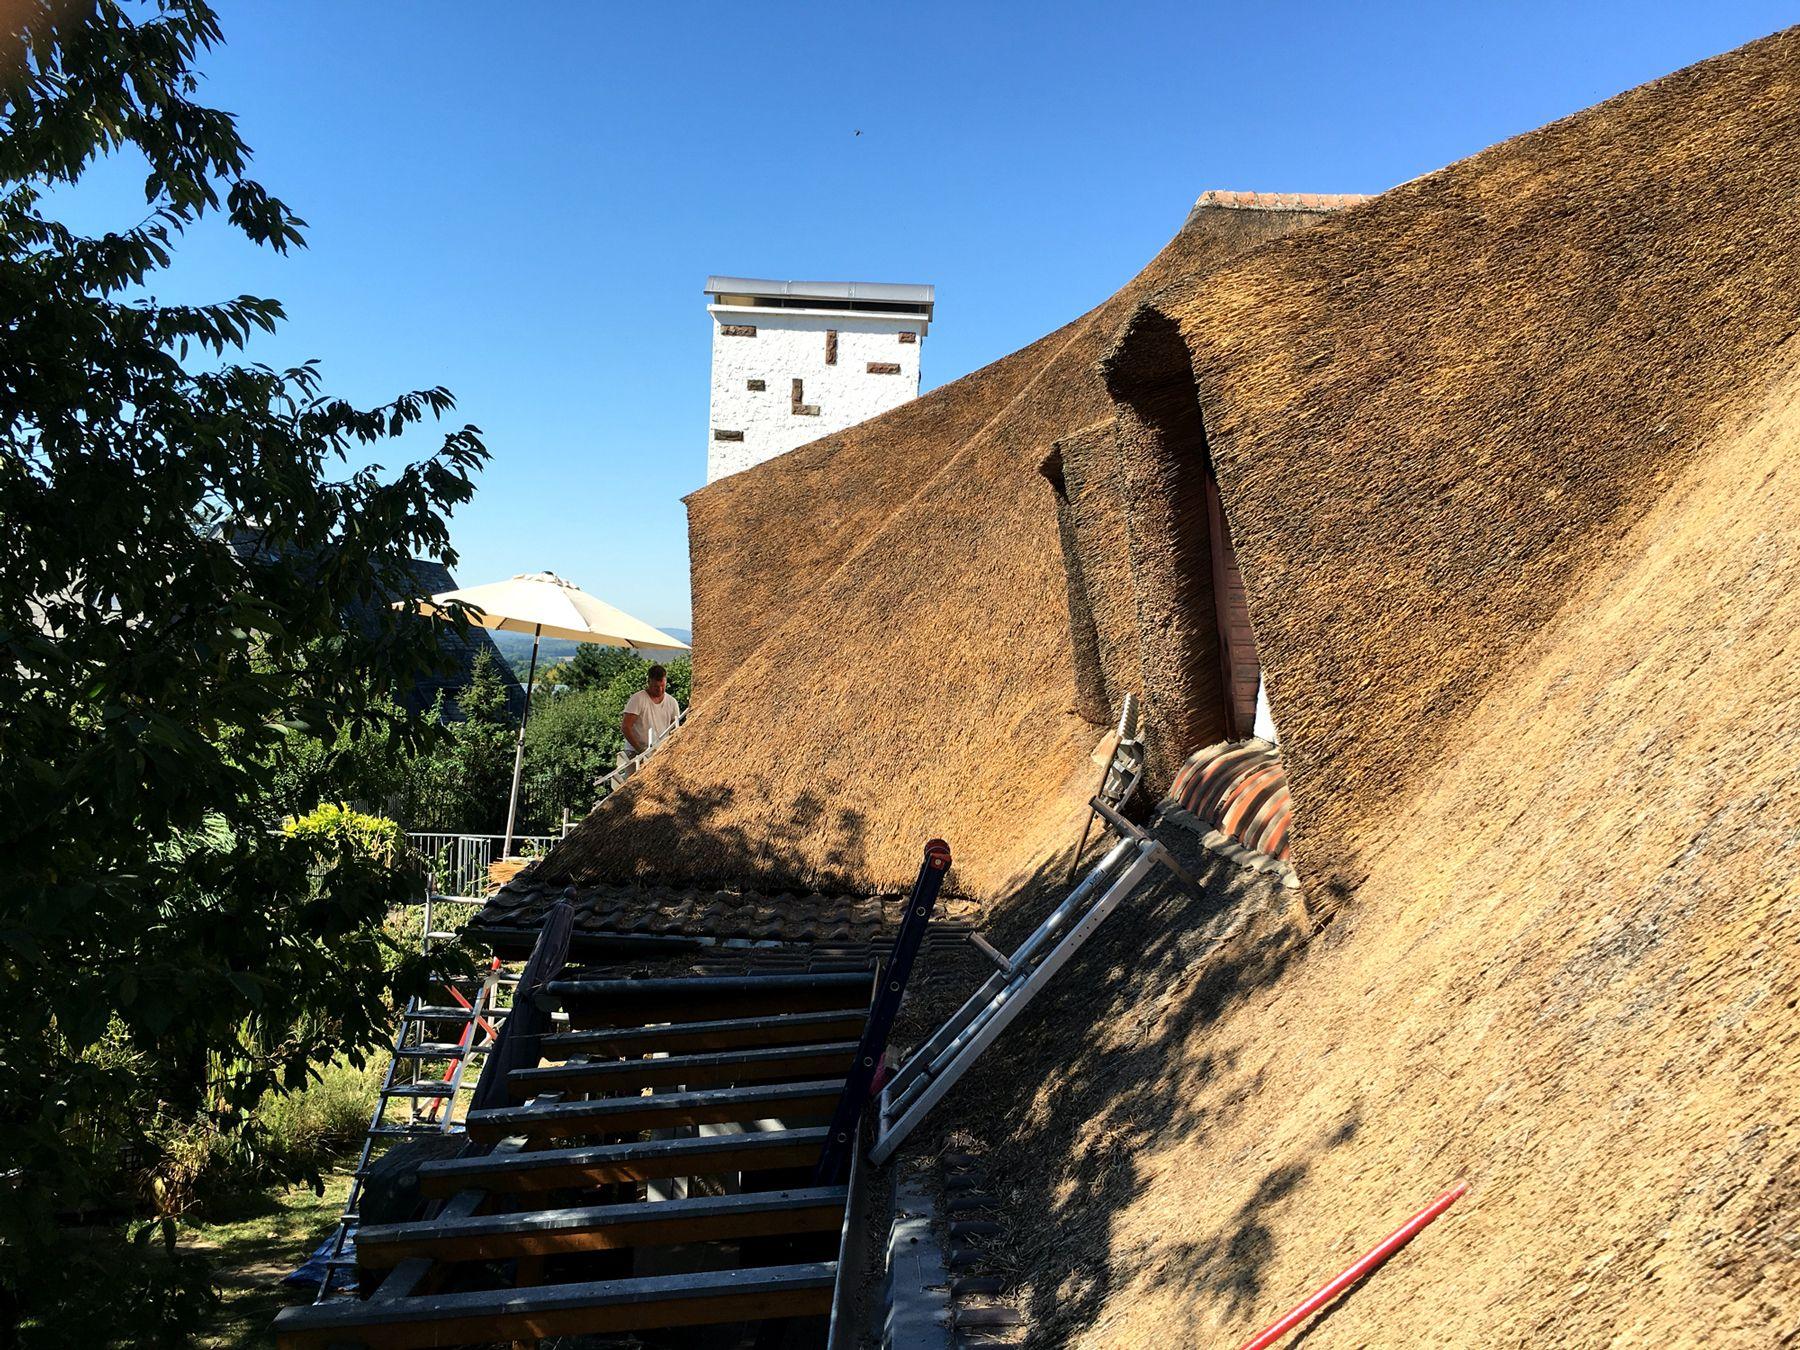 De rietdekkers aan het werk | Rietdekkersbedrijf Scholman